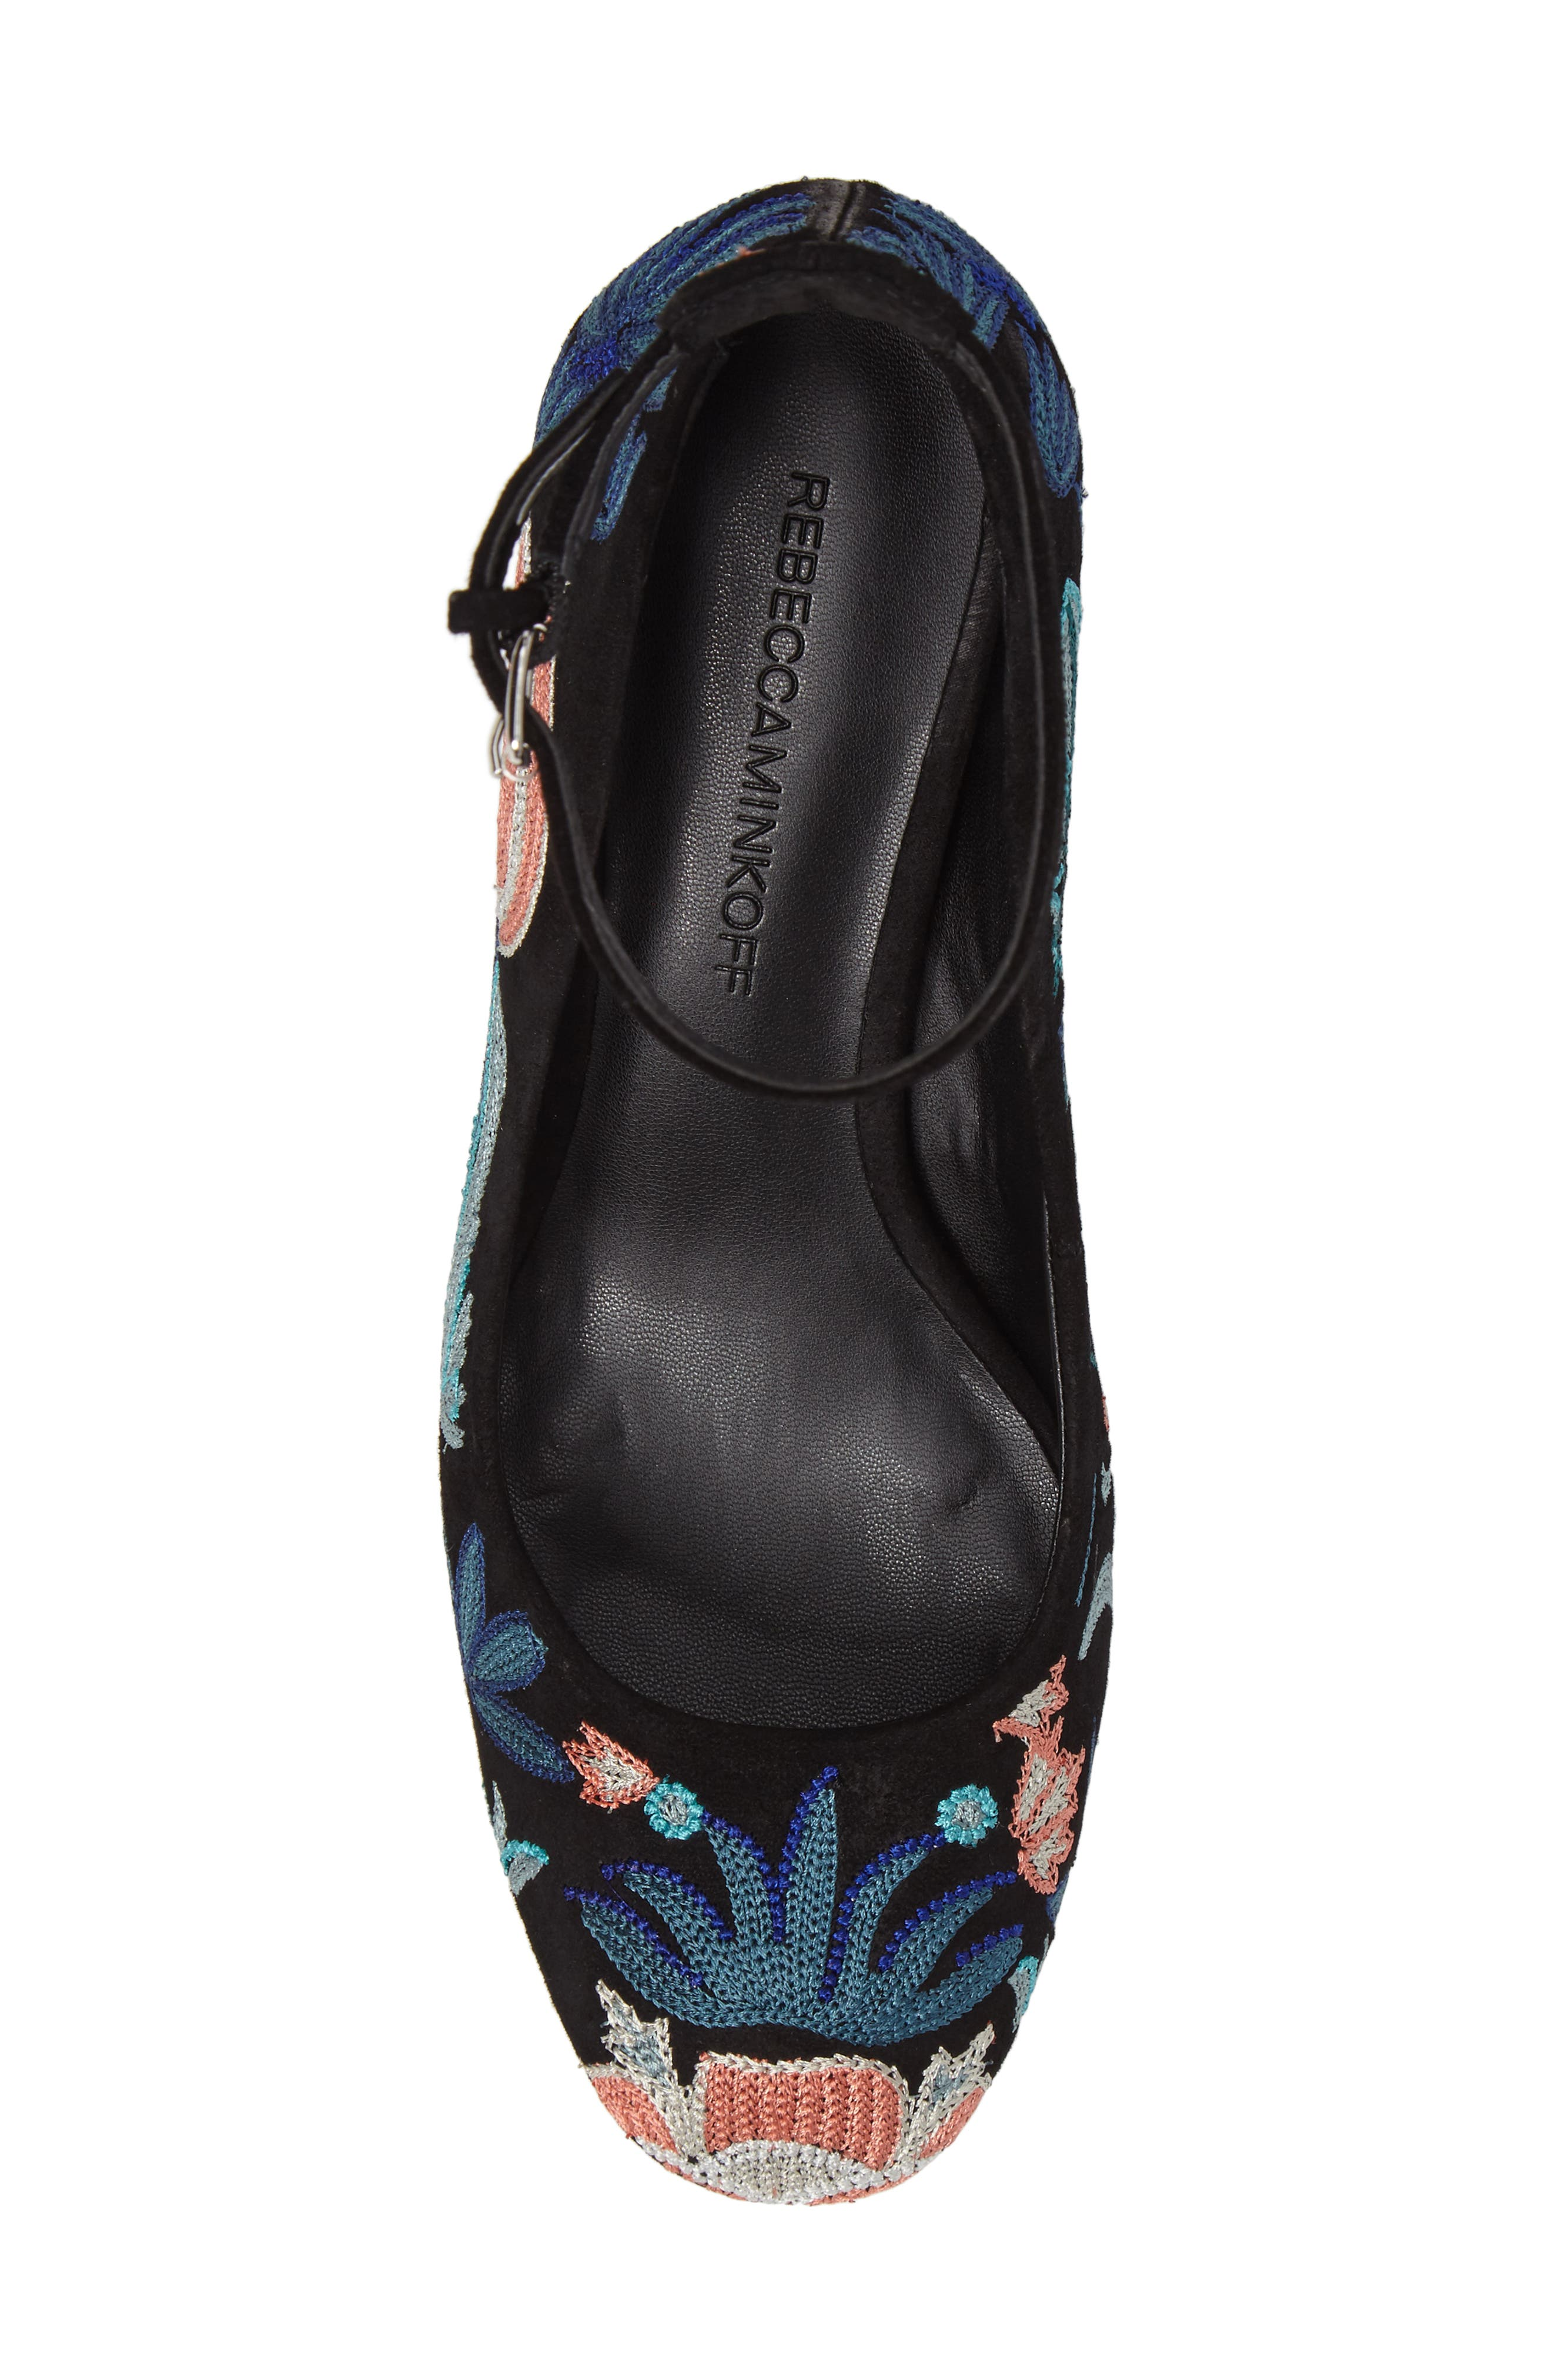 Bridget Floral Ankle Strap Pump,                             Alternate thumbnail 5, color,                             004